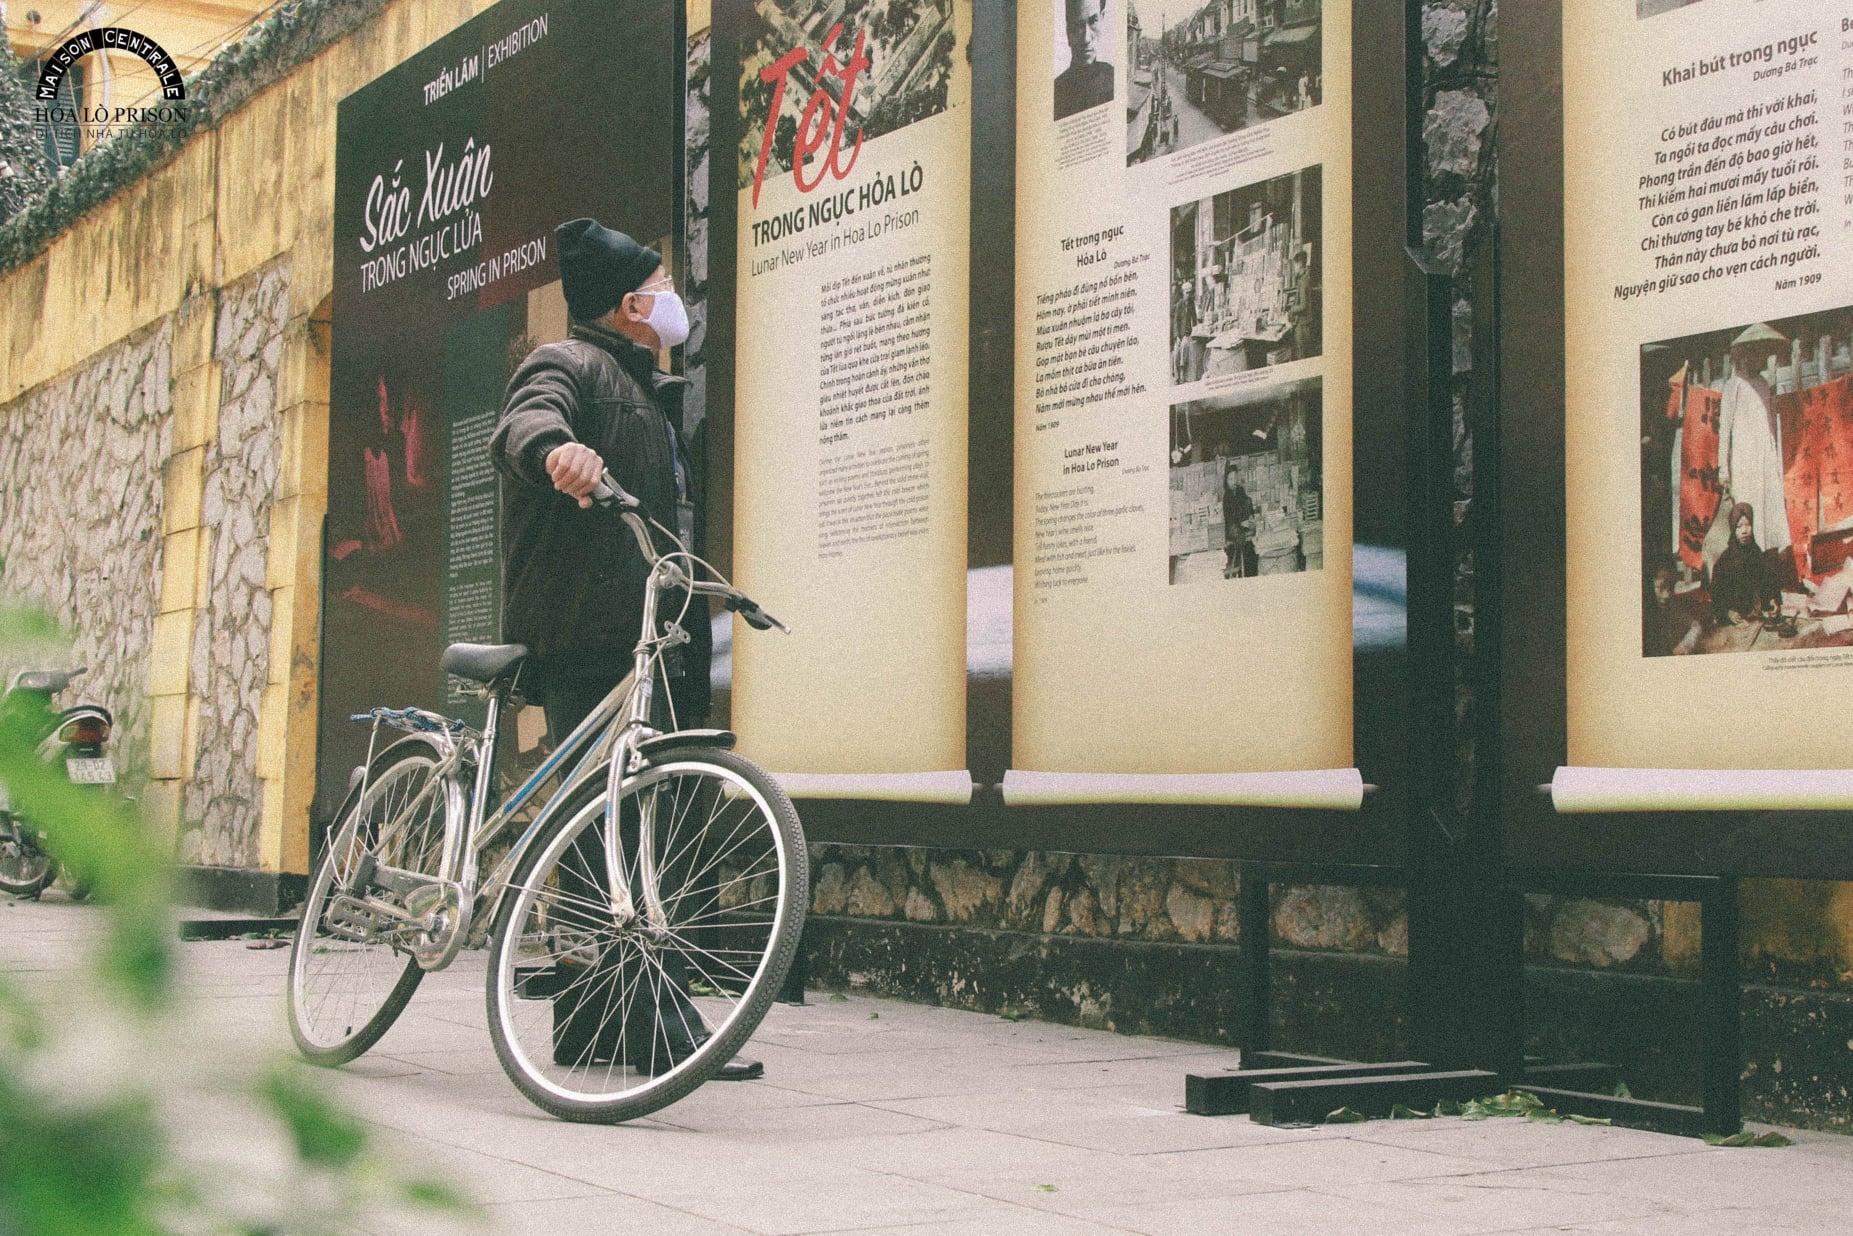 Đạp xe rèn luyện sức khỏe, du khách có thể kết hợp tham quan, tìm hiểu những di tích trong thành phố. Ảnh: Di tích nhà tù Hỏa Lò.